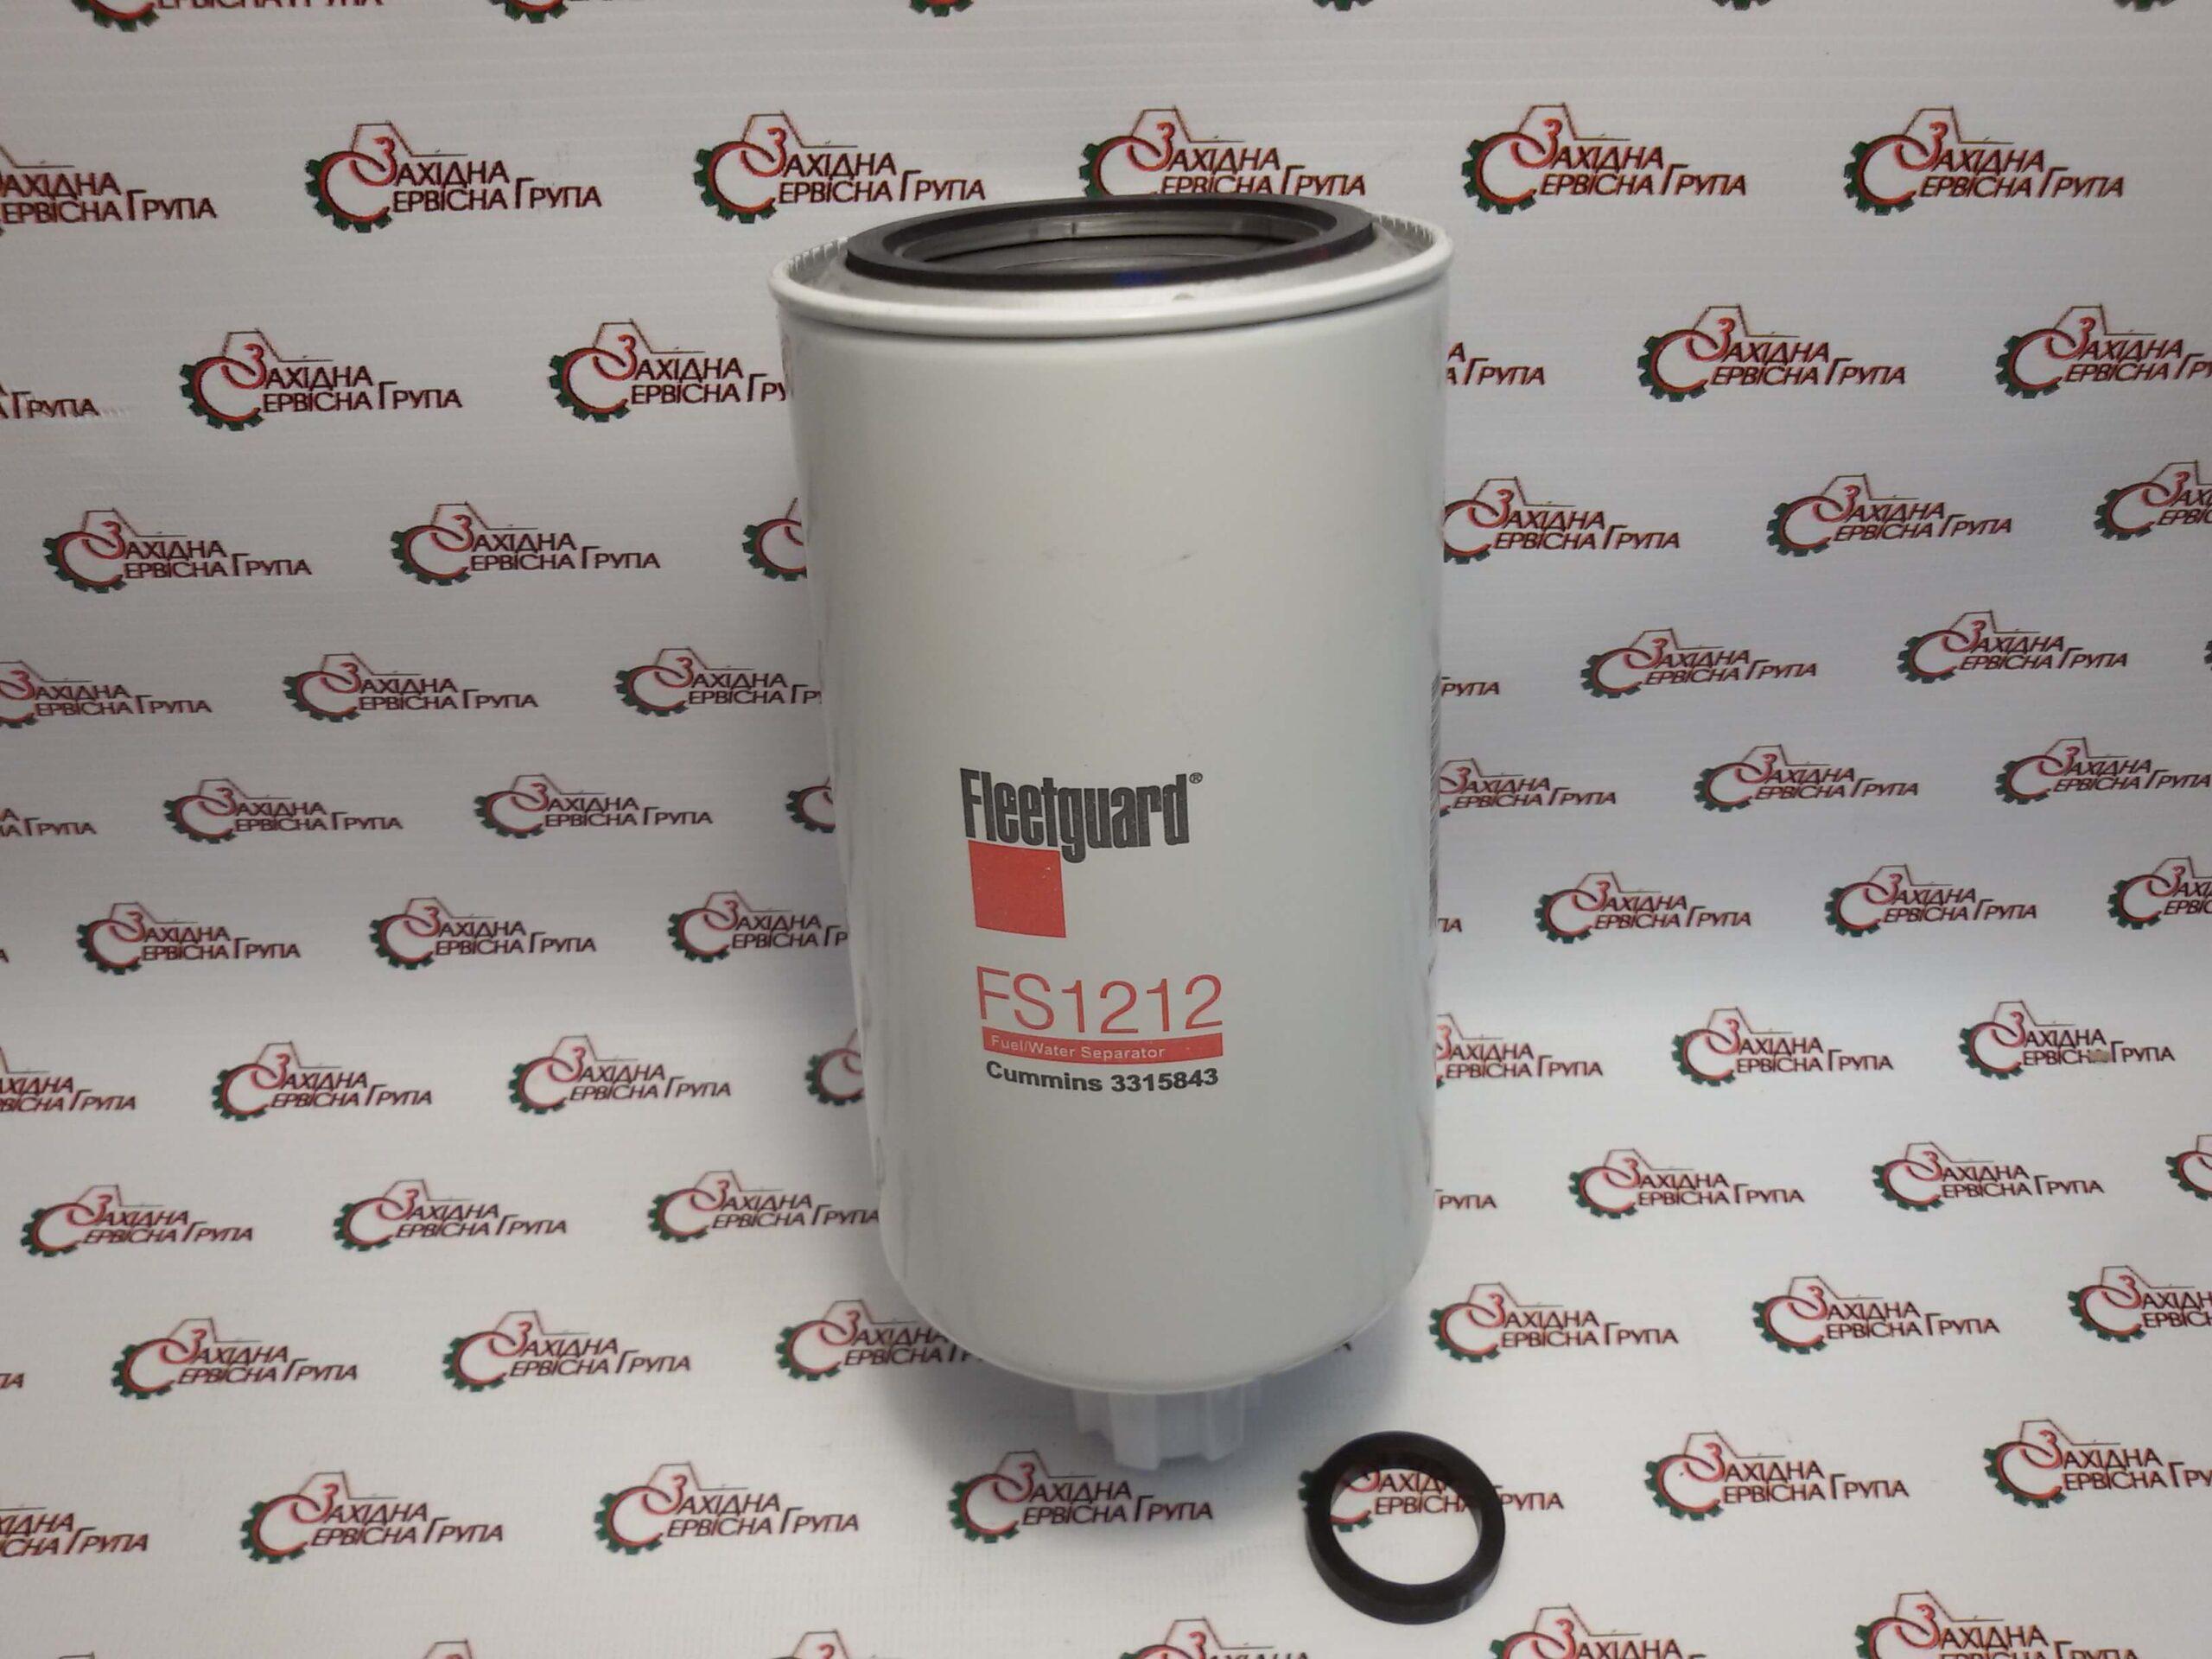 Фильтр топливный Cummins Fleetguard FS1212, 3315843, 3308638.